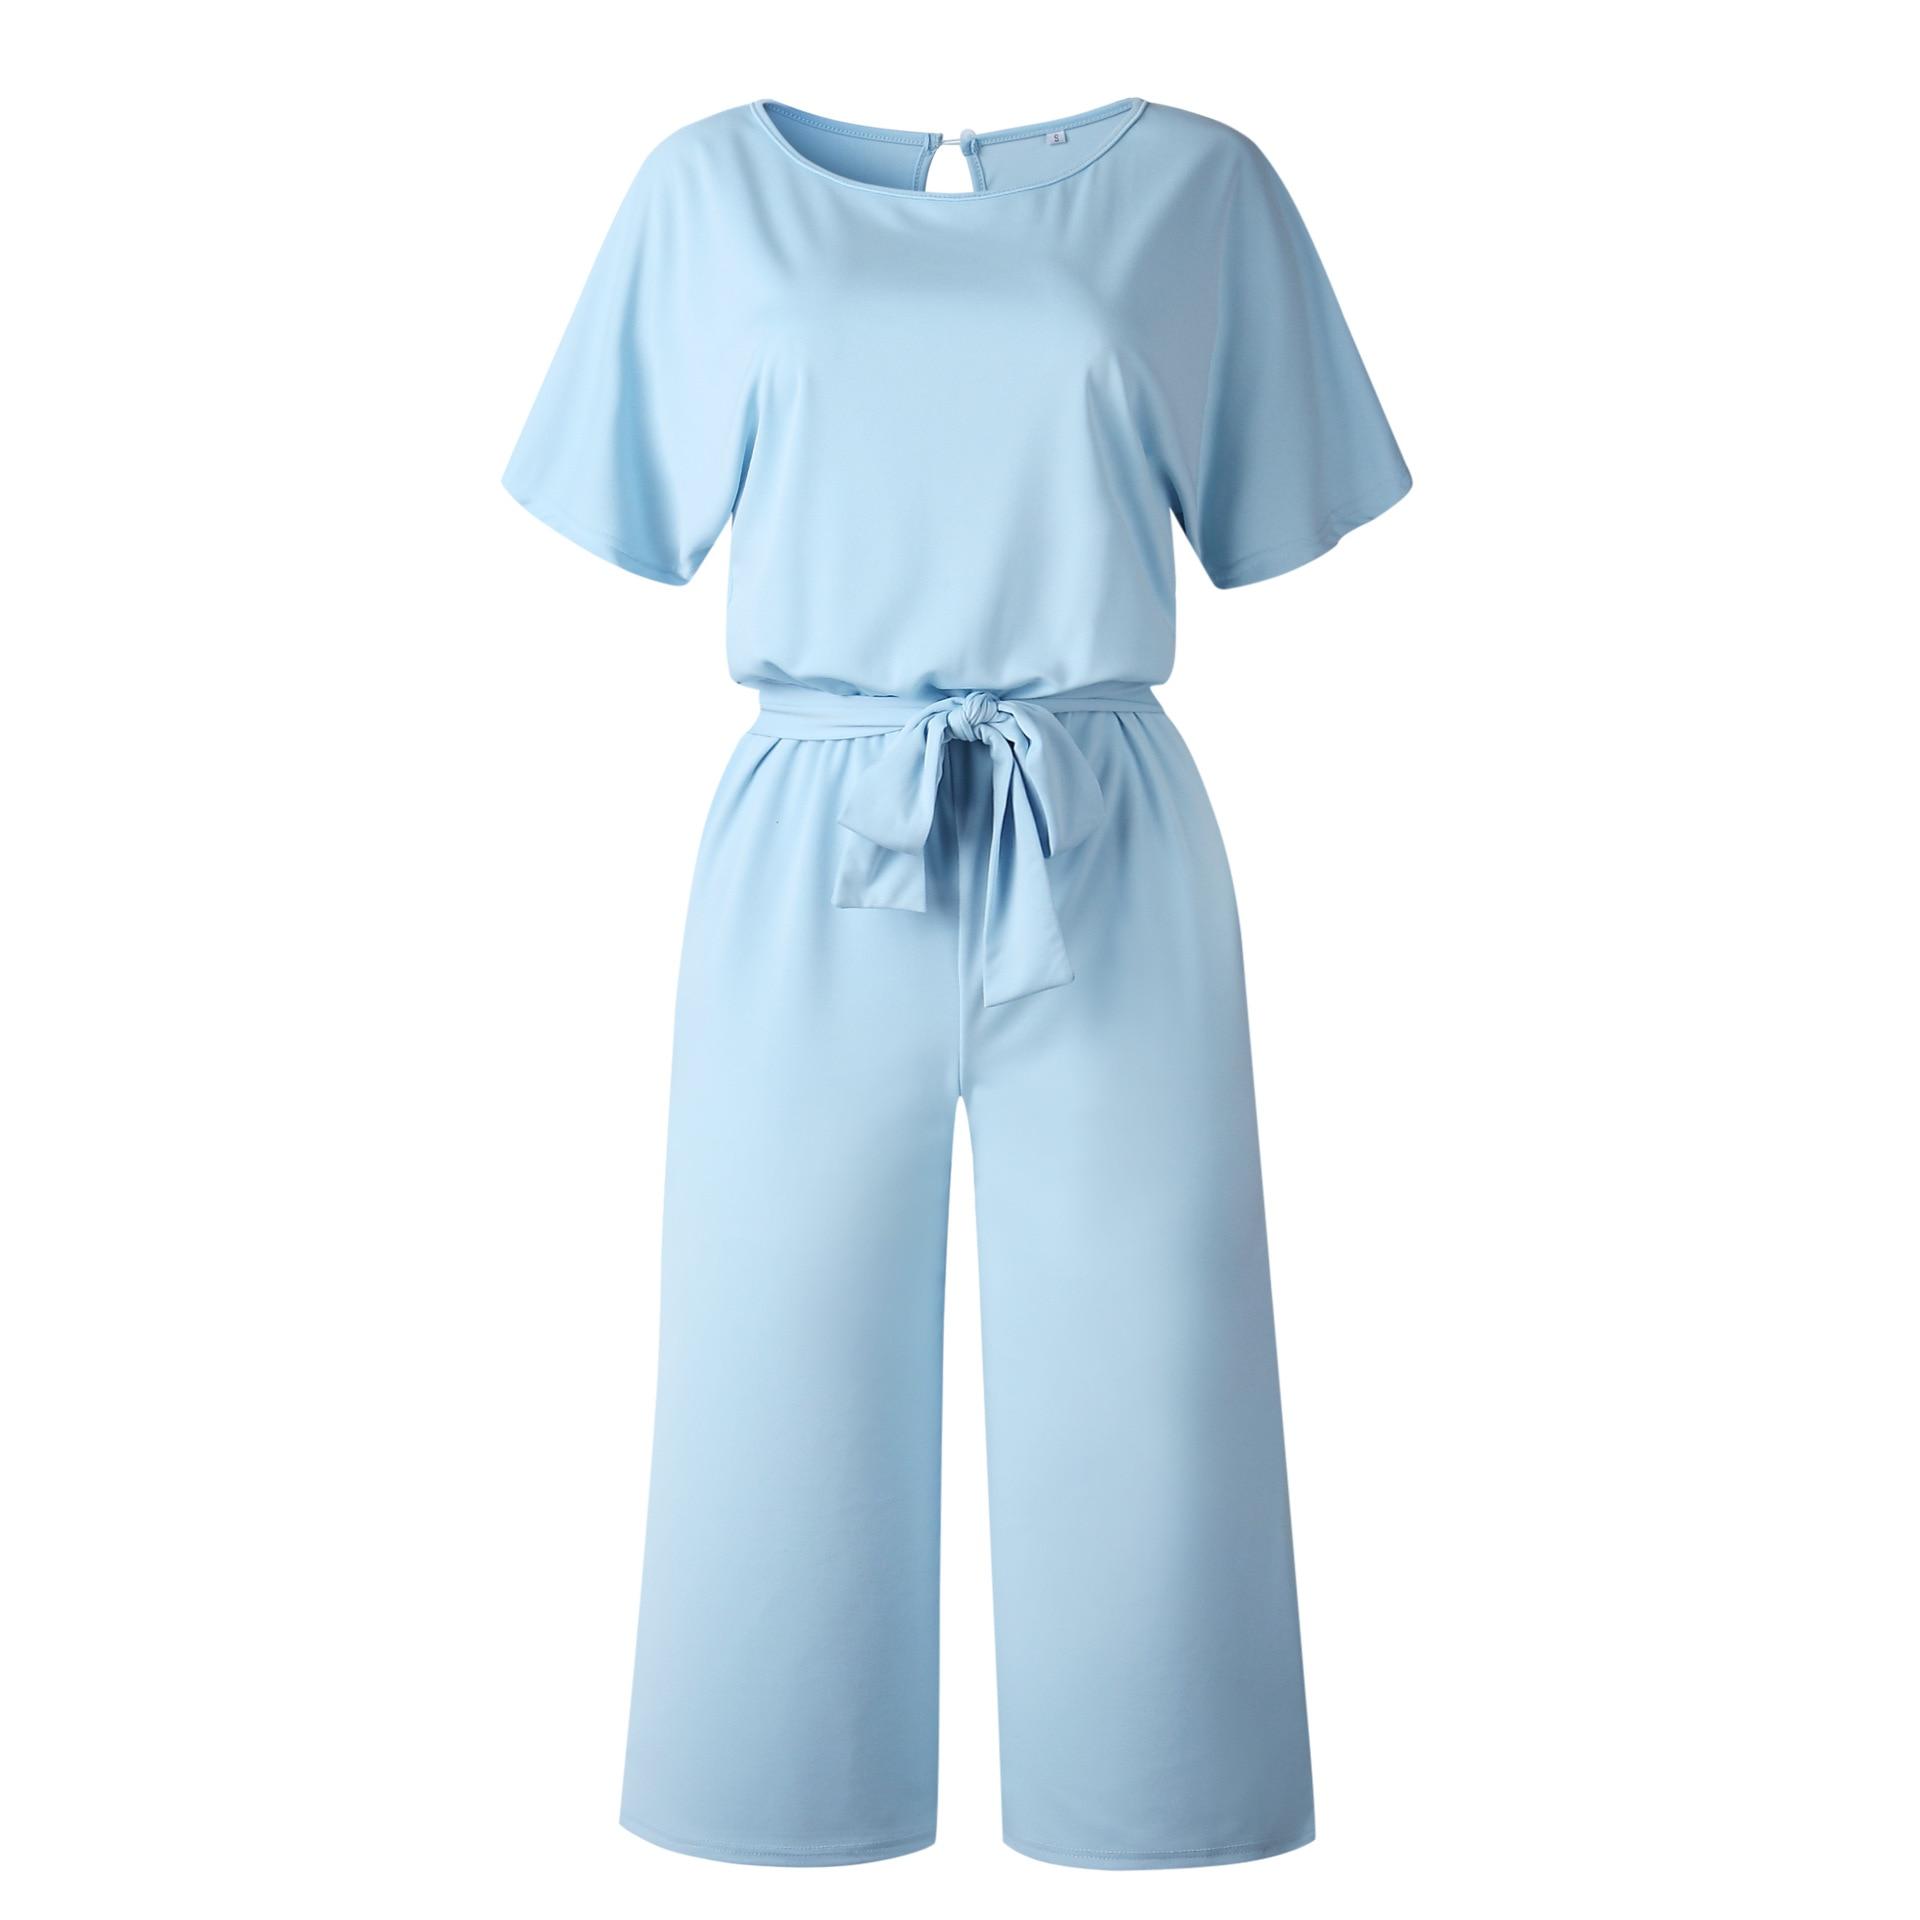 2019 Fashion Jumpsuit Women Bandage Rompers Womens Jumpsuit Office Social Summer Short Sleeve 3/4 Pants Playsuit Black Blue S XL